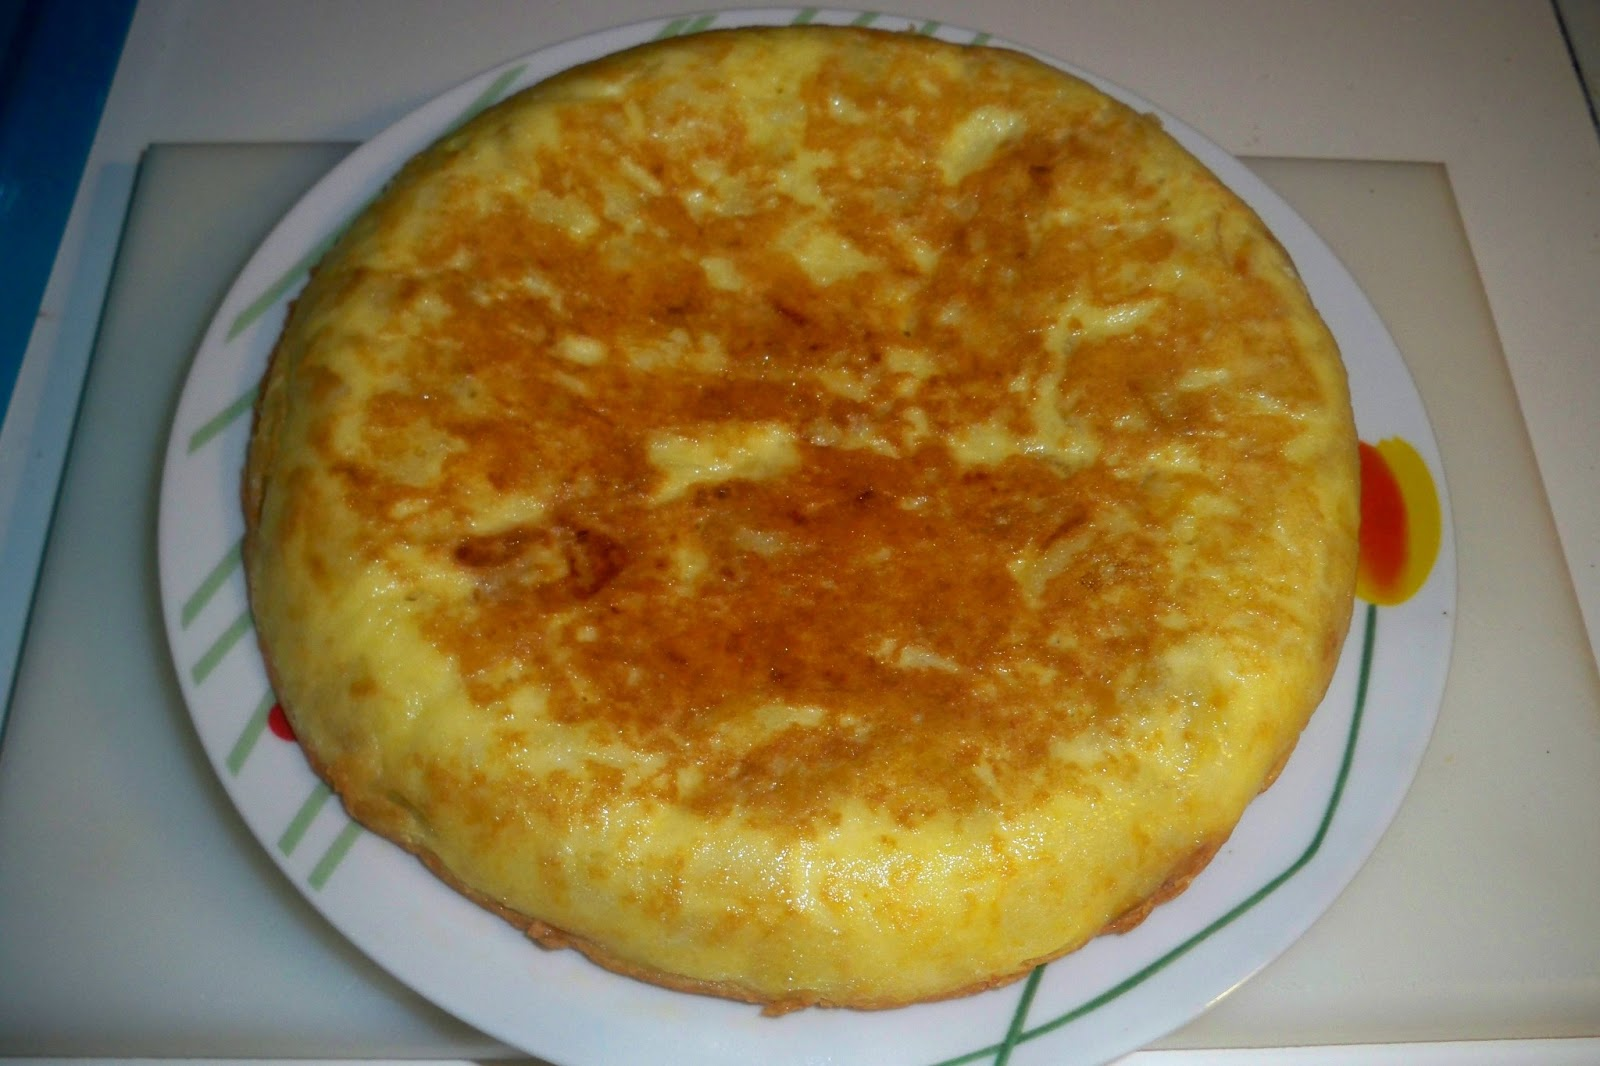 Gastronoguía Mundial: .:Tortilla de Patatas:.